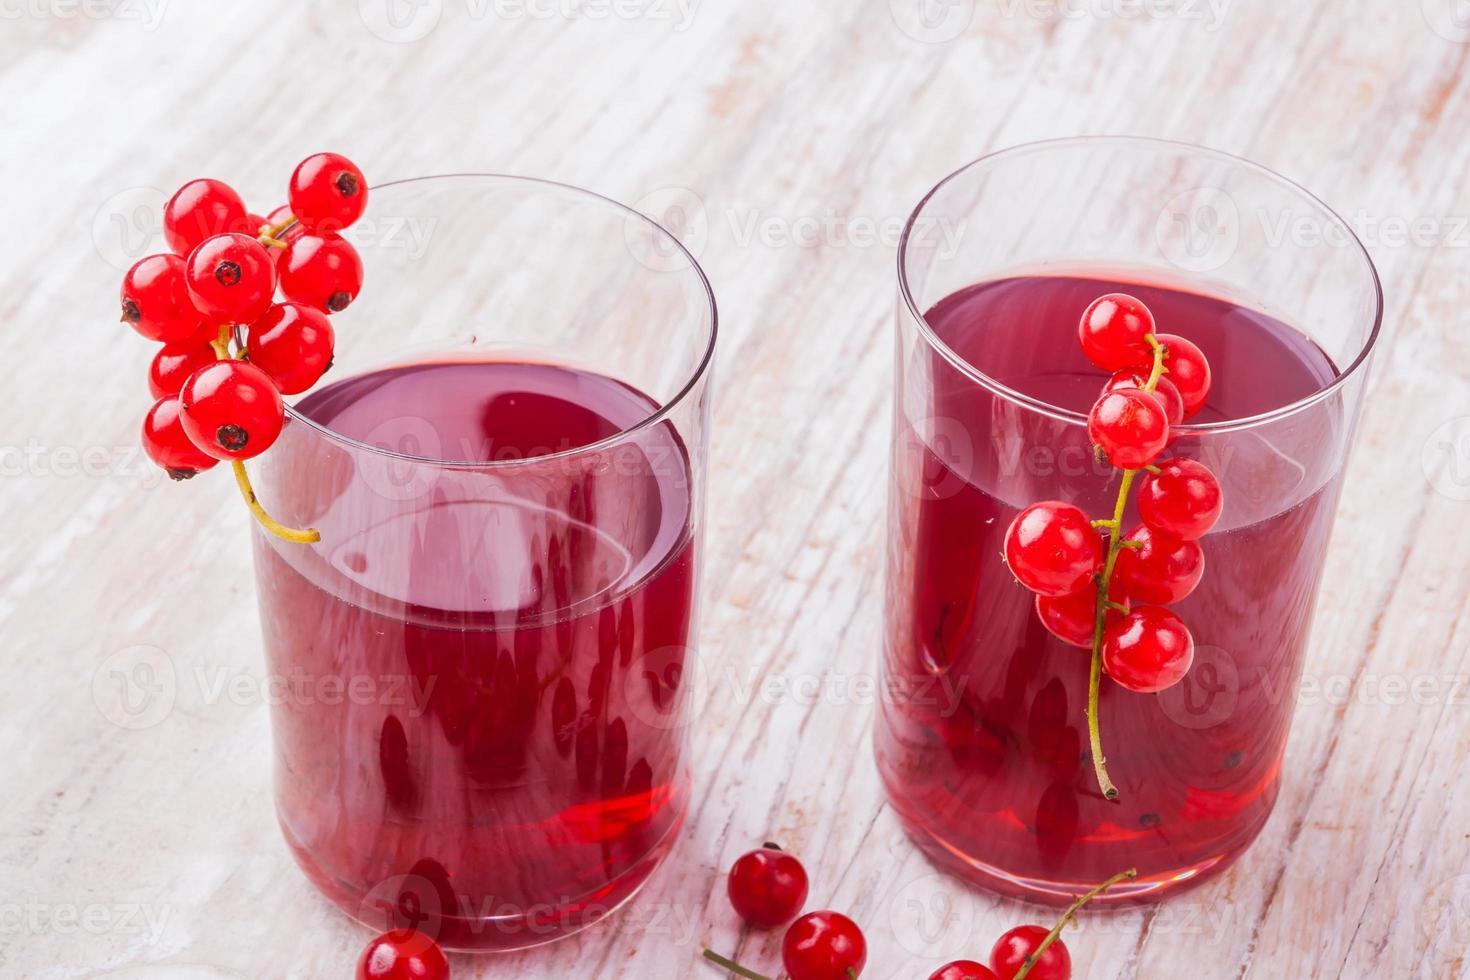 bevanda al ribes in glassen foto